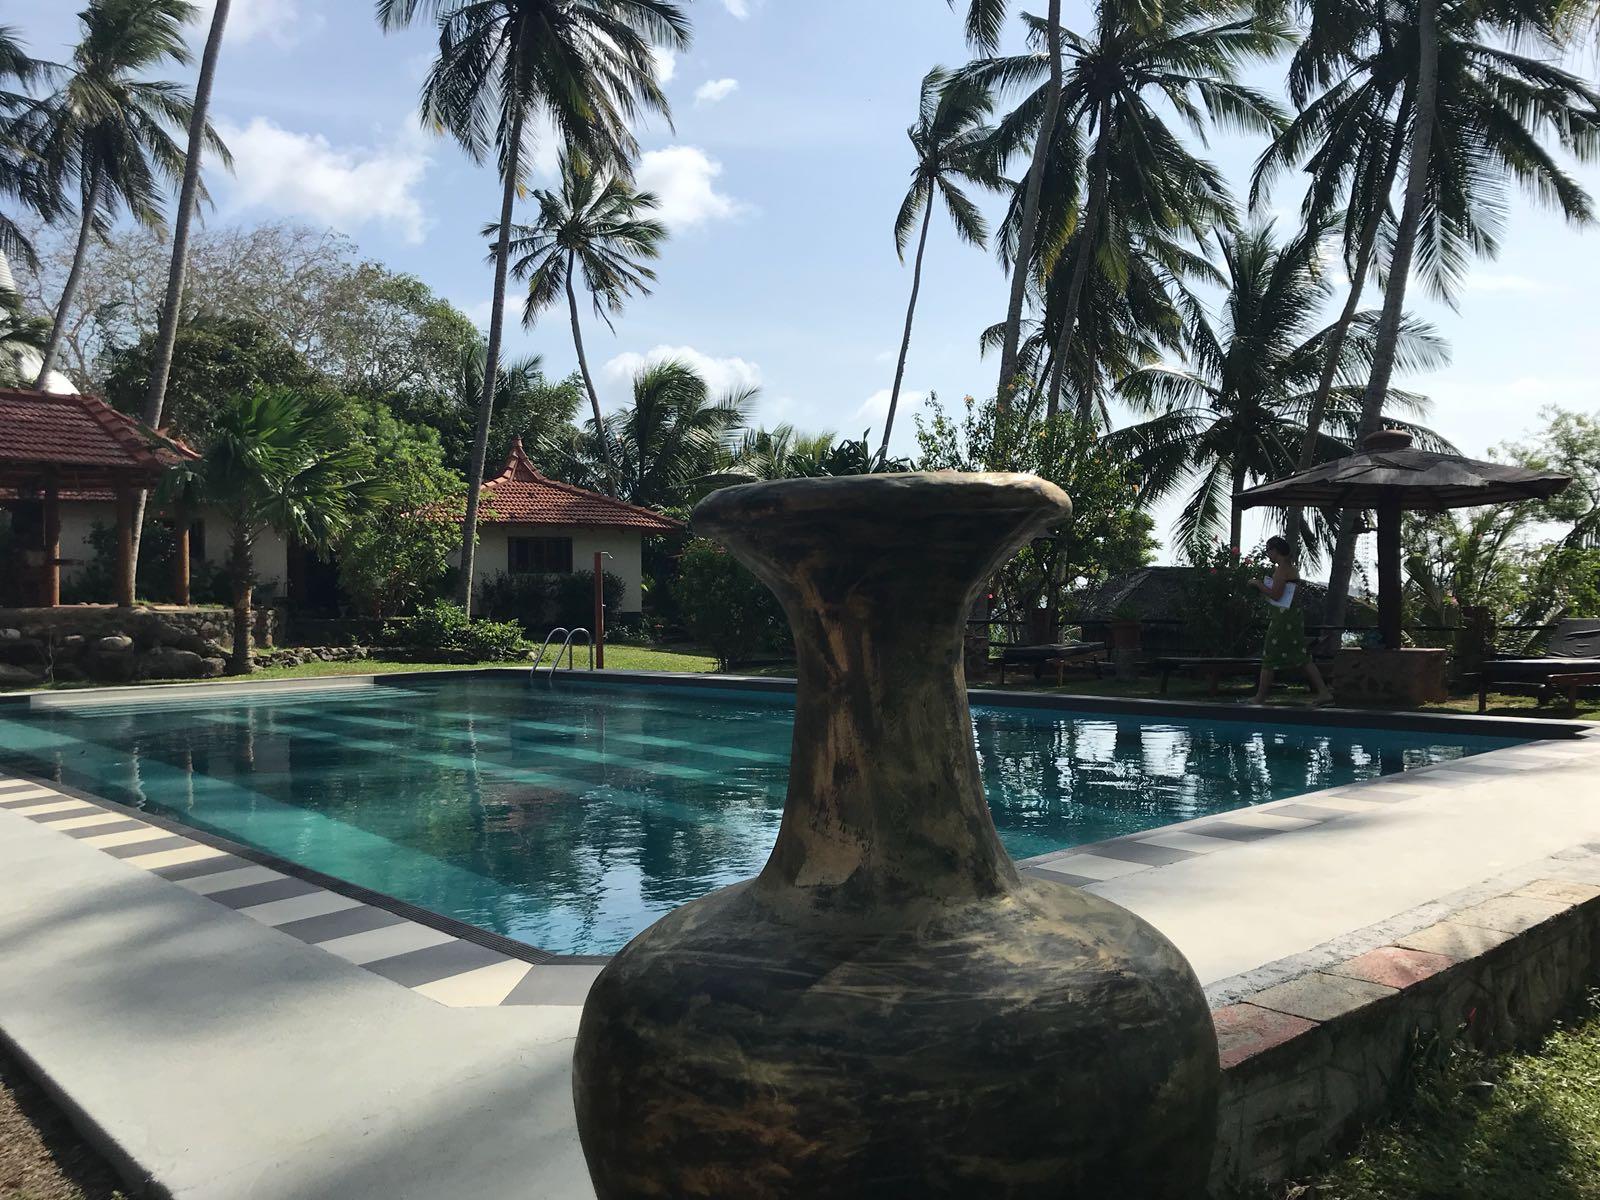 Hormonálna JOGA s ayurvédou na SRÍ Lanke – marec 2019